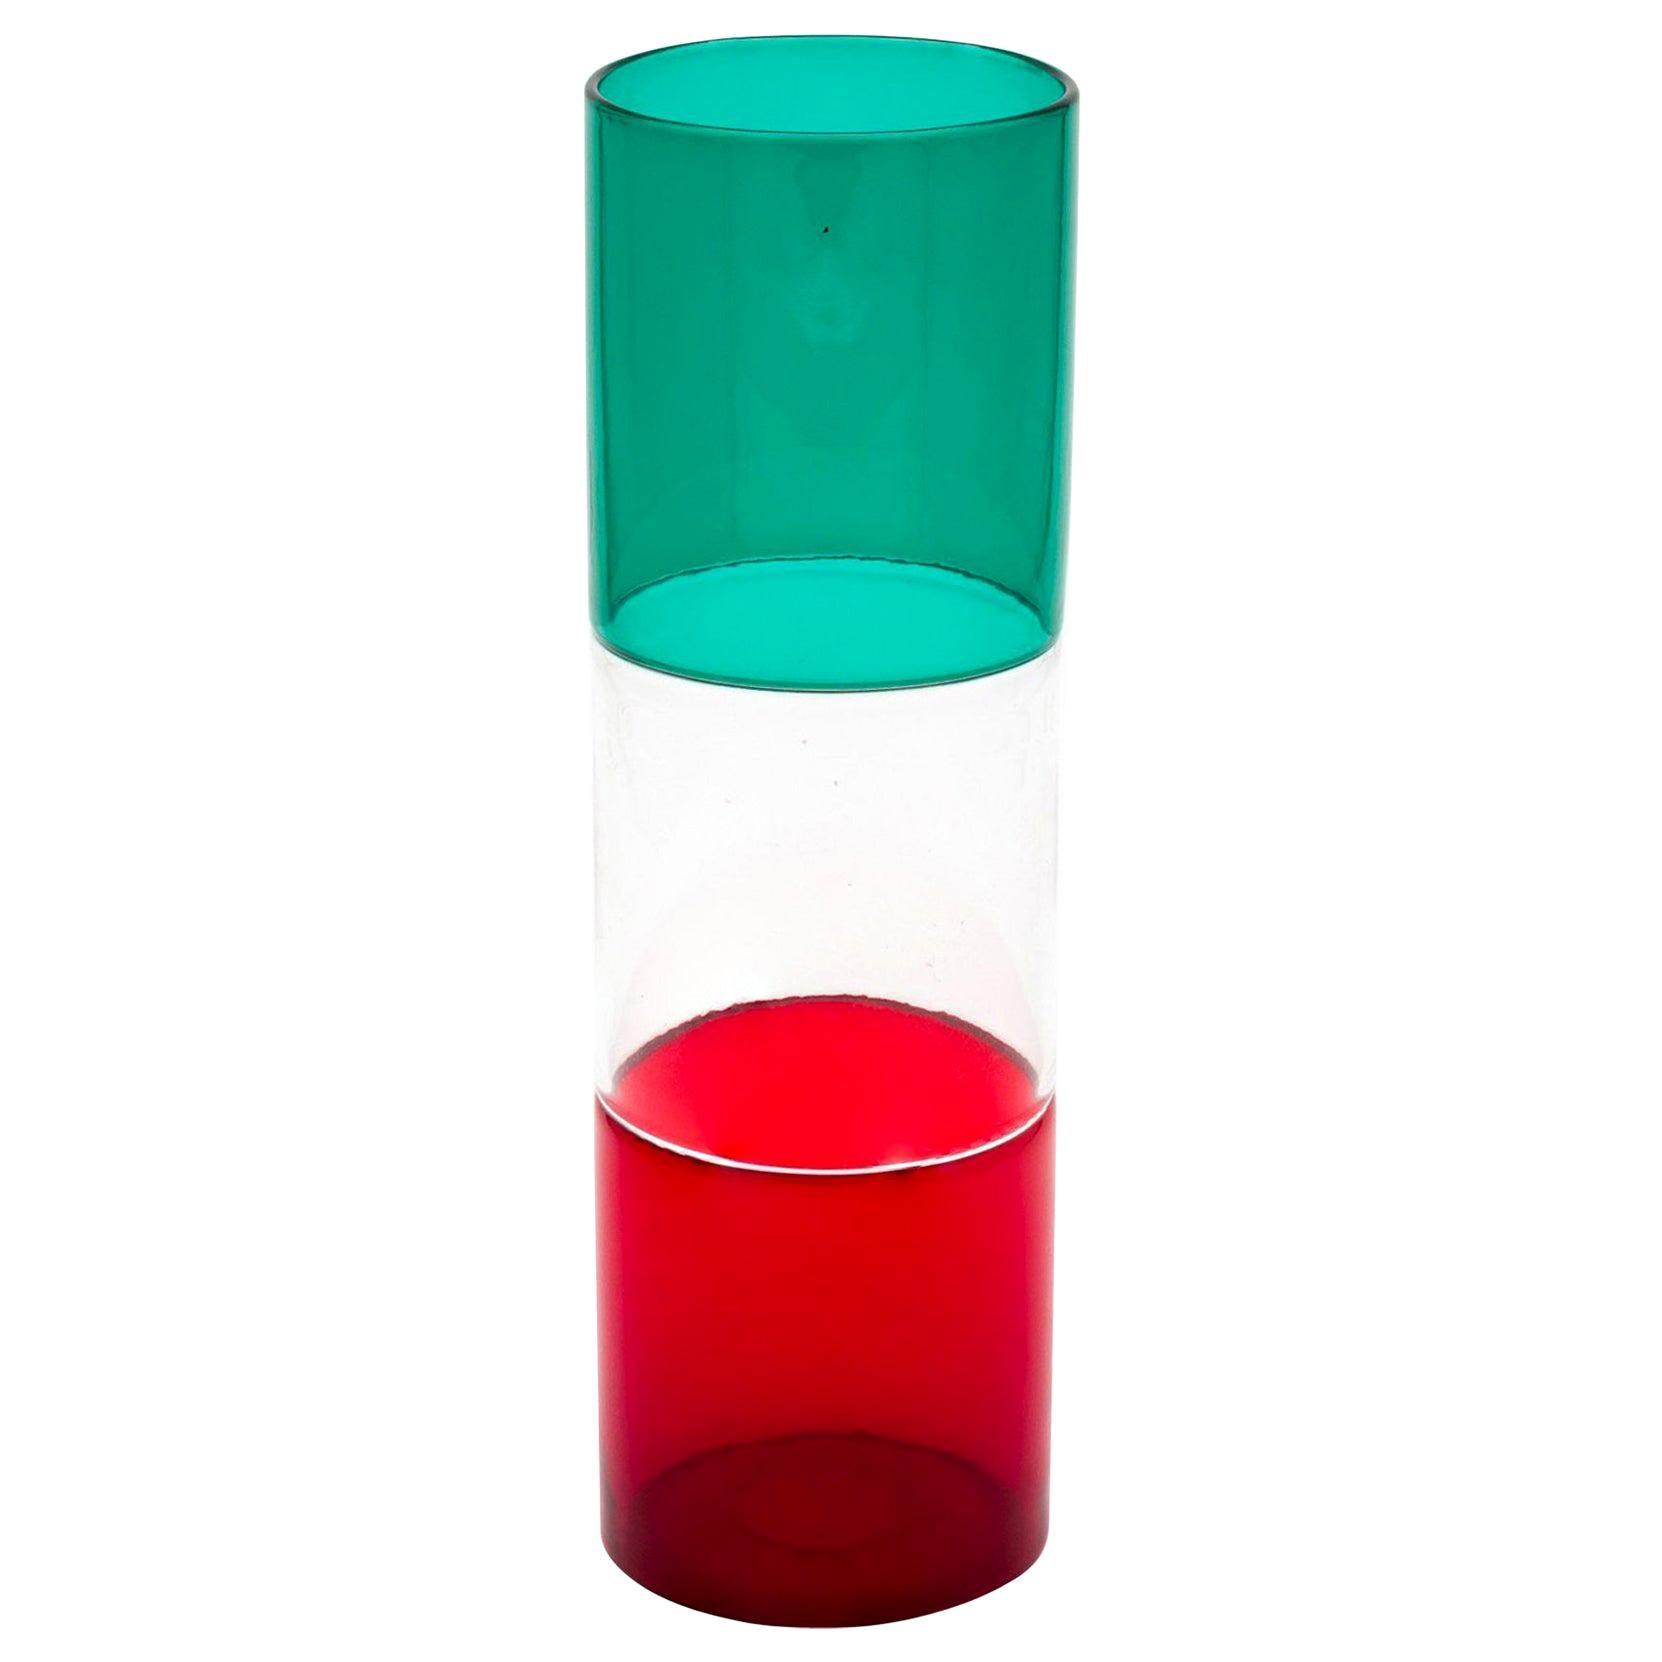 Vintage Venini Murano Fulvio Bianconi Incalmo Mouth Blown Glass Vase